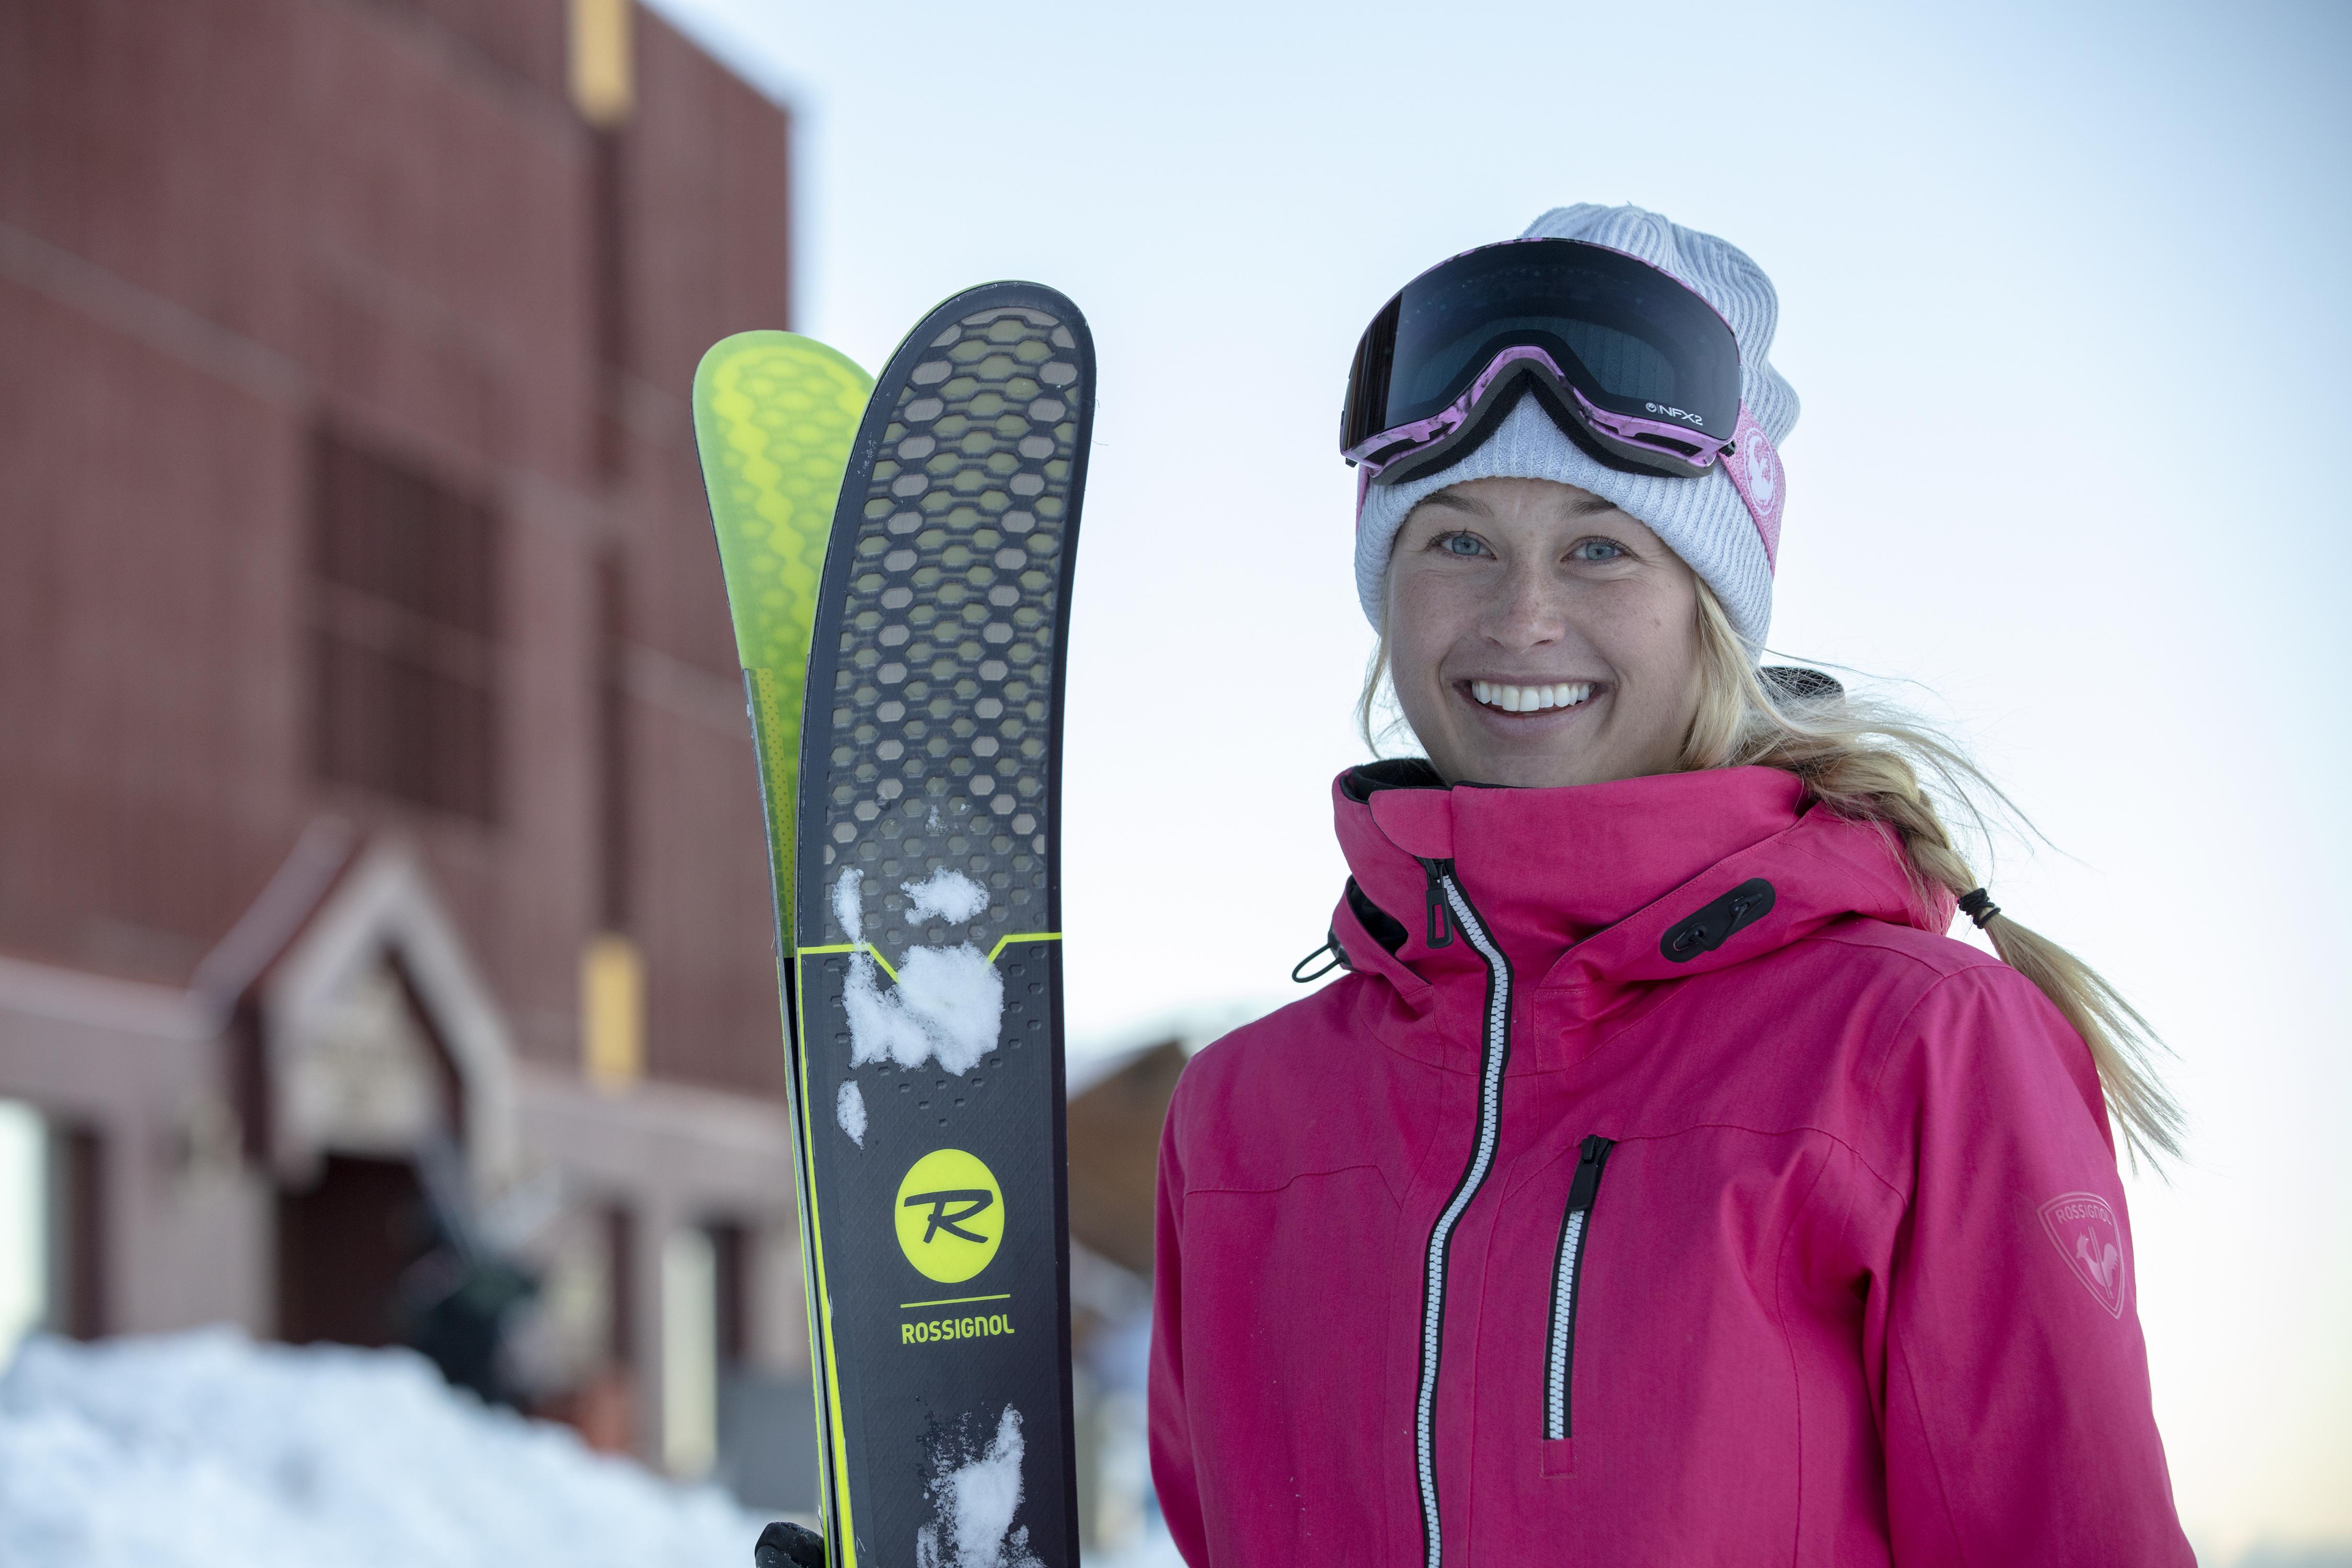 Aulas privativas de esqui e snowboard estão entre os serviços oferecidos pelo resort (Foto: Divulgação)